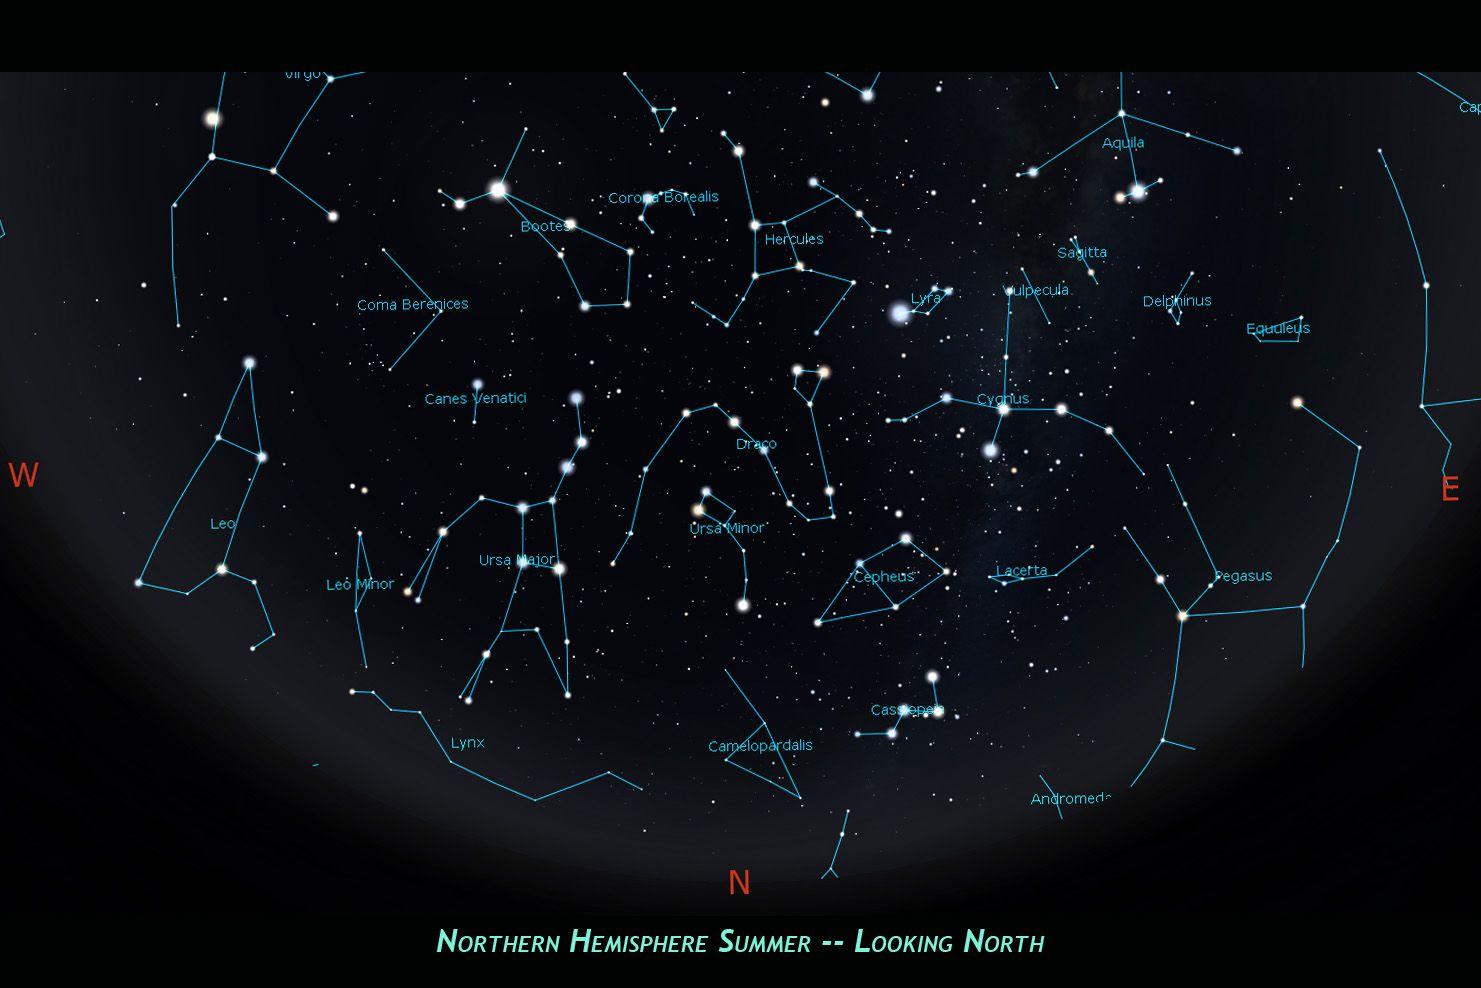 Northern Hemisphere summer skies, looking north.